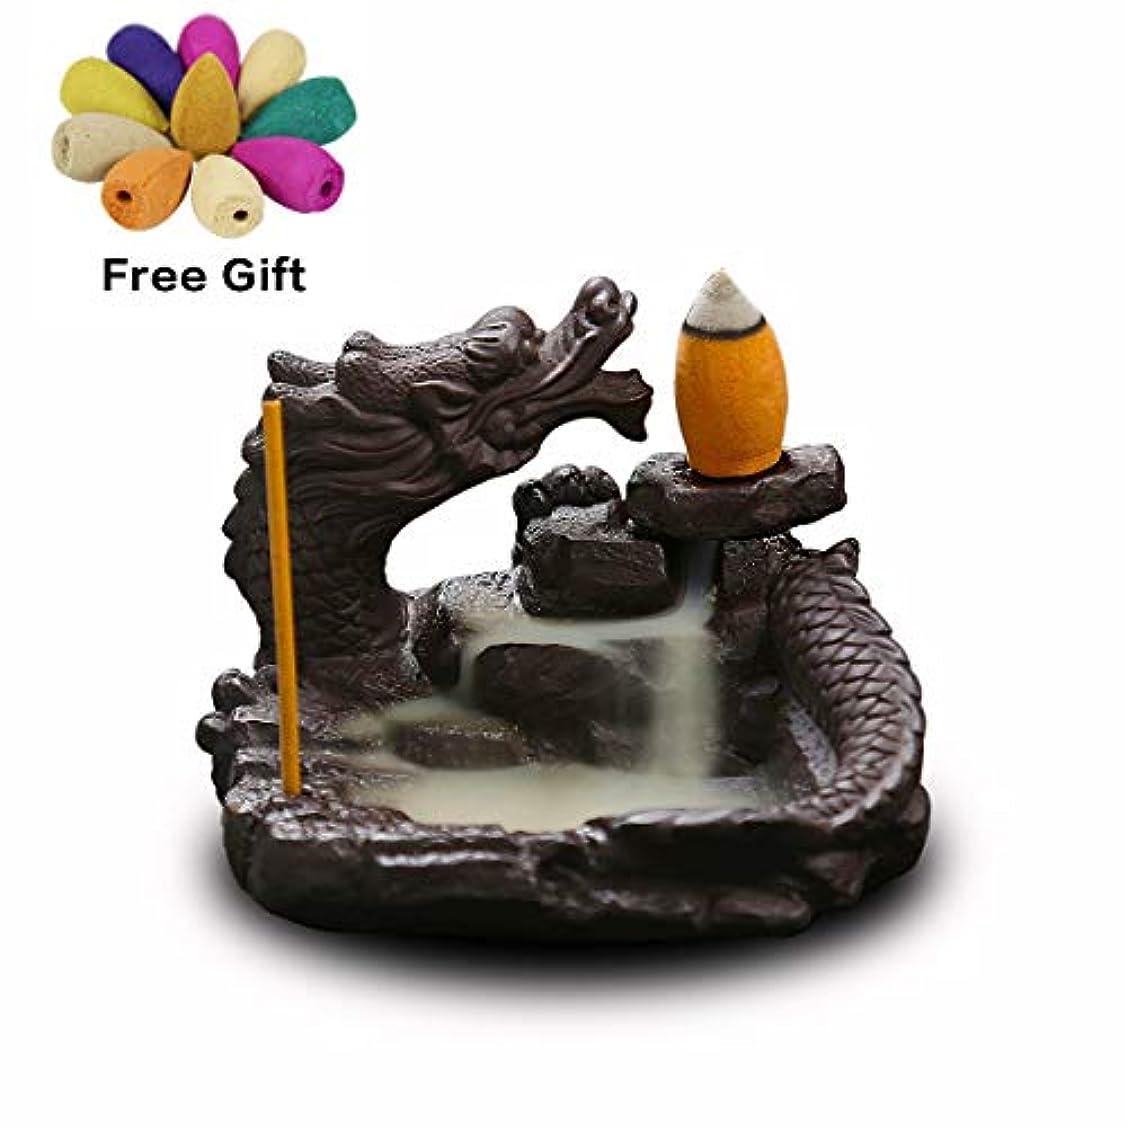 モード田舎キルト(Style6) - OTOFY Mythical Dragon Backflow Incense Holder Figurine Incense Cone Holder Gothic Home Decor